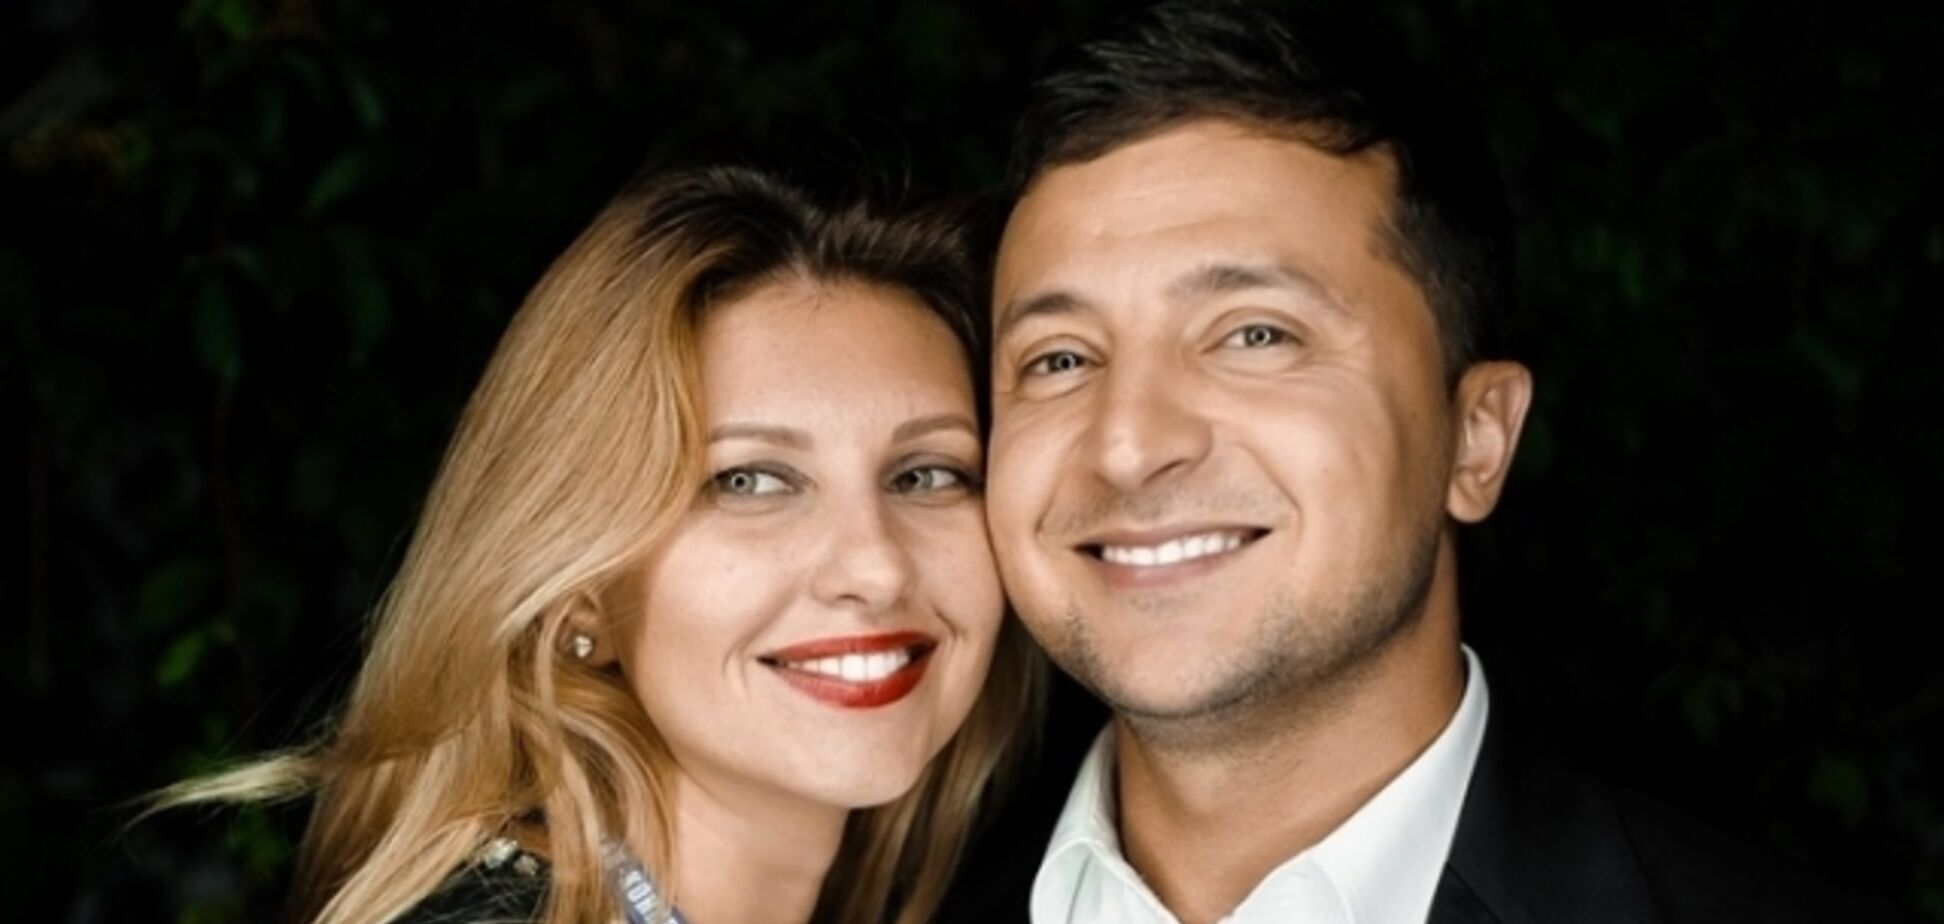 'Я налаштовуюся': дружина Зеленського розповіла, як готується до ролі першої леді України